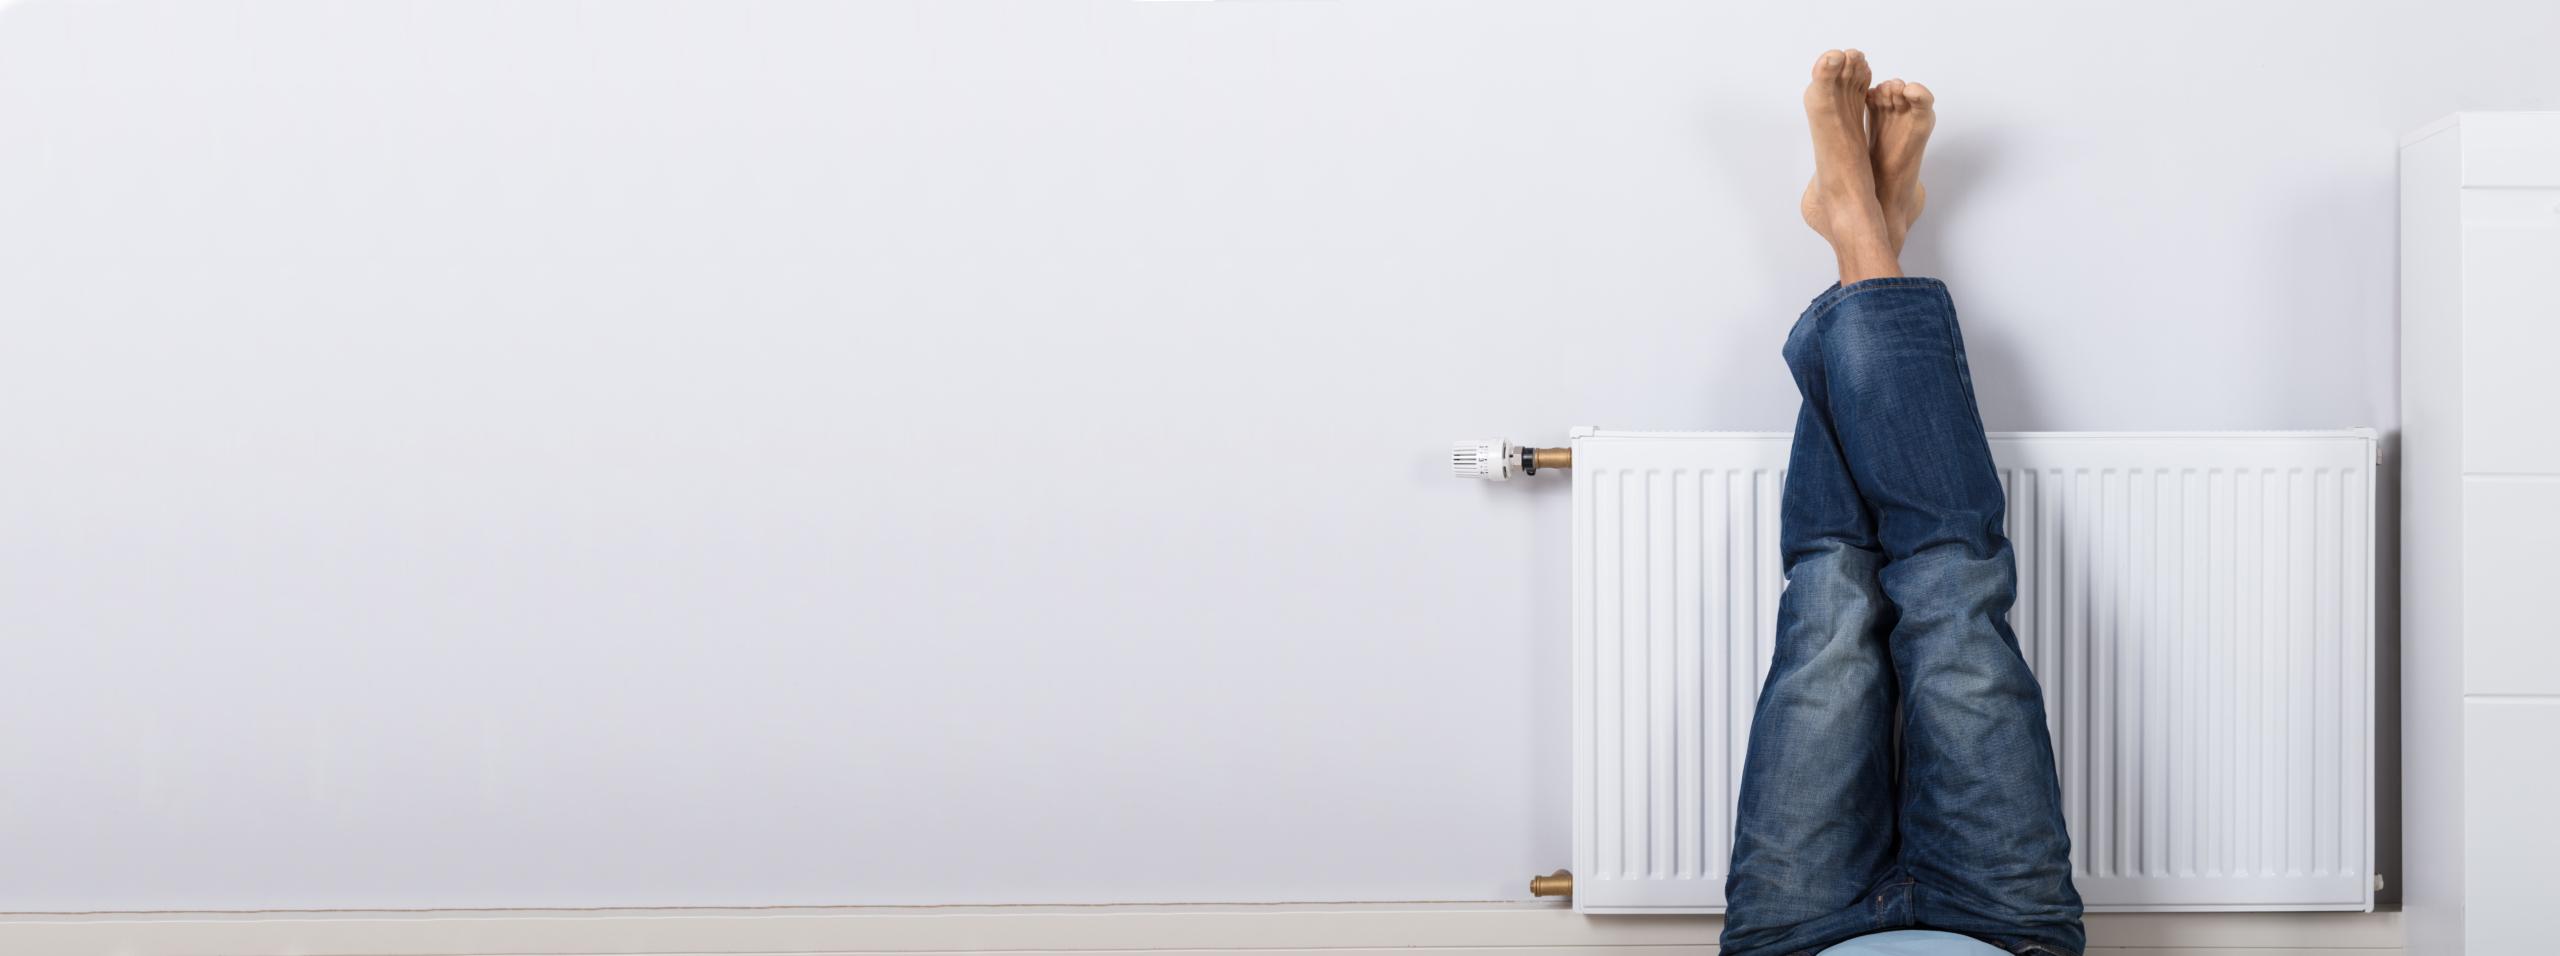 Heizung Fußbodenheizung Sanmont Onlineshop Heizrohre kaufen PE.RT Verbundrohre Sanitär Solarthermien Banner Startseite